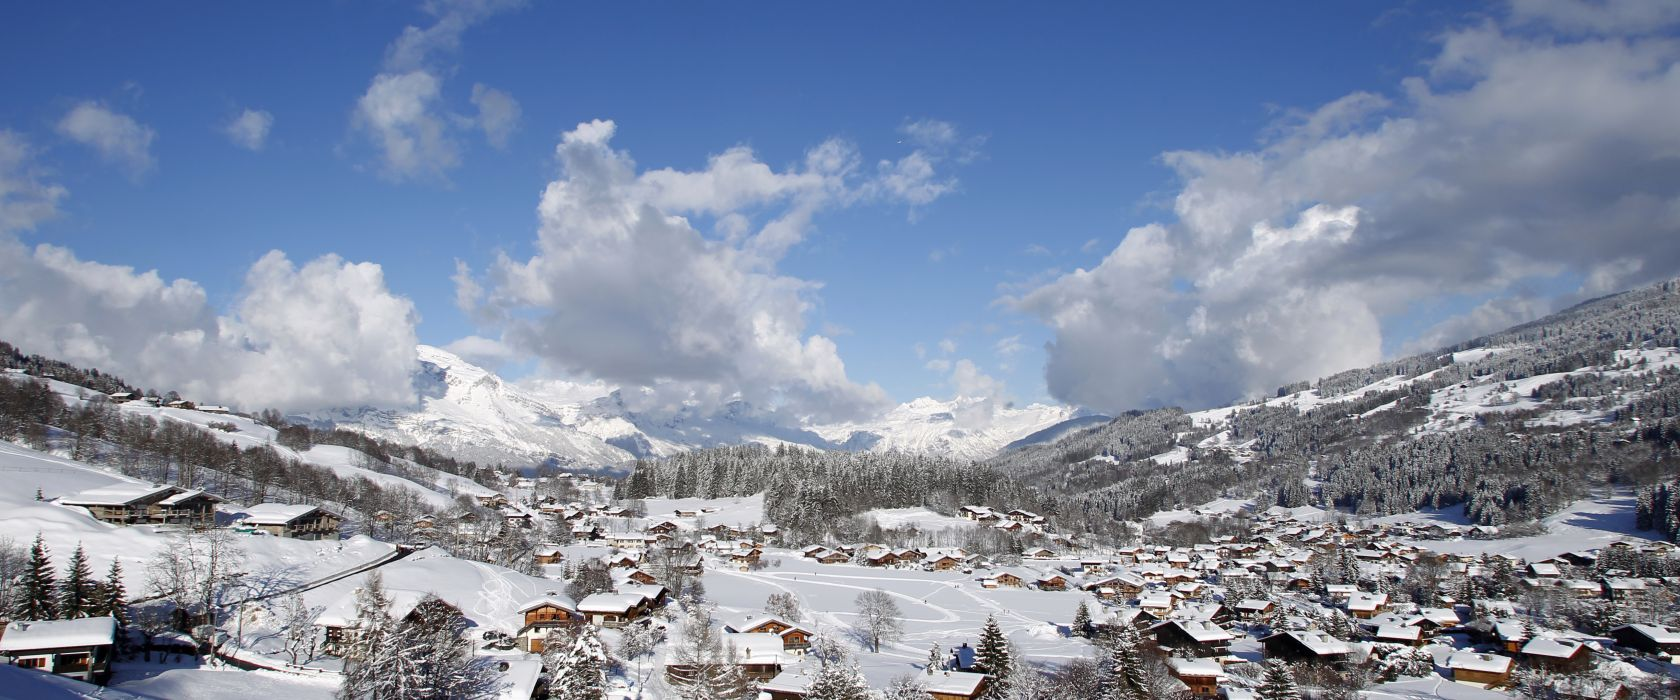 Enneigement Des Stations De Ski France Montagnes